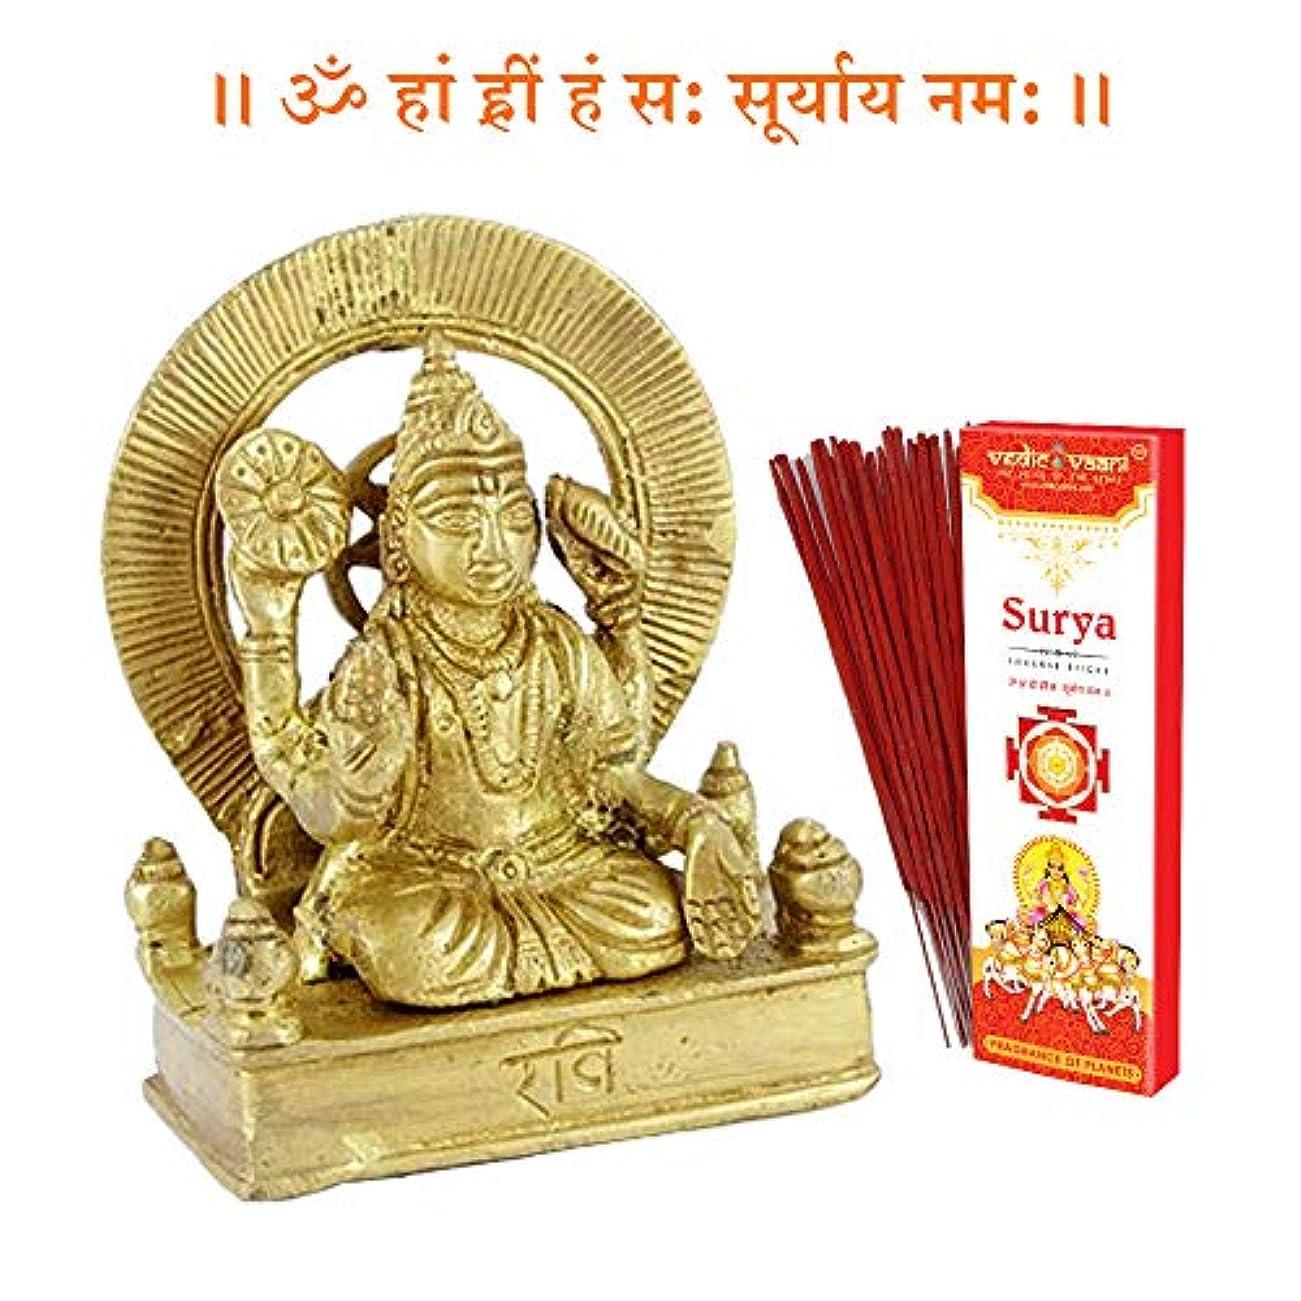 脈拍兵隊同志Vedic Vaani Surya graha Idol Surya お香スティック